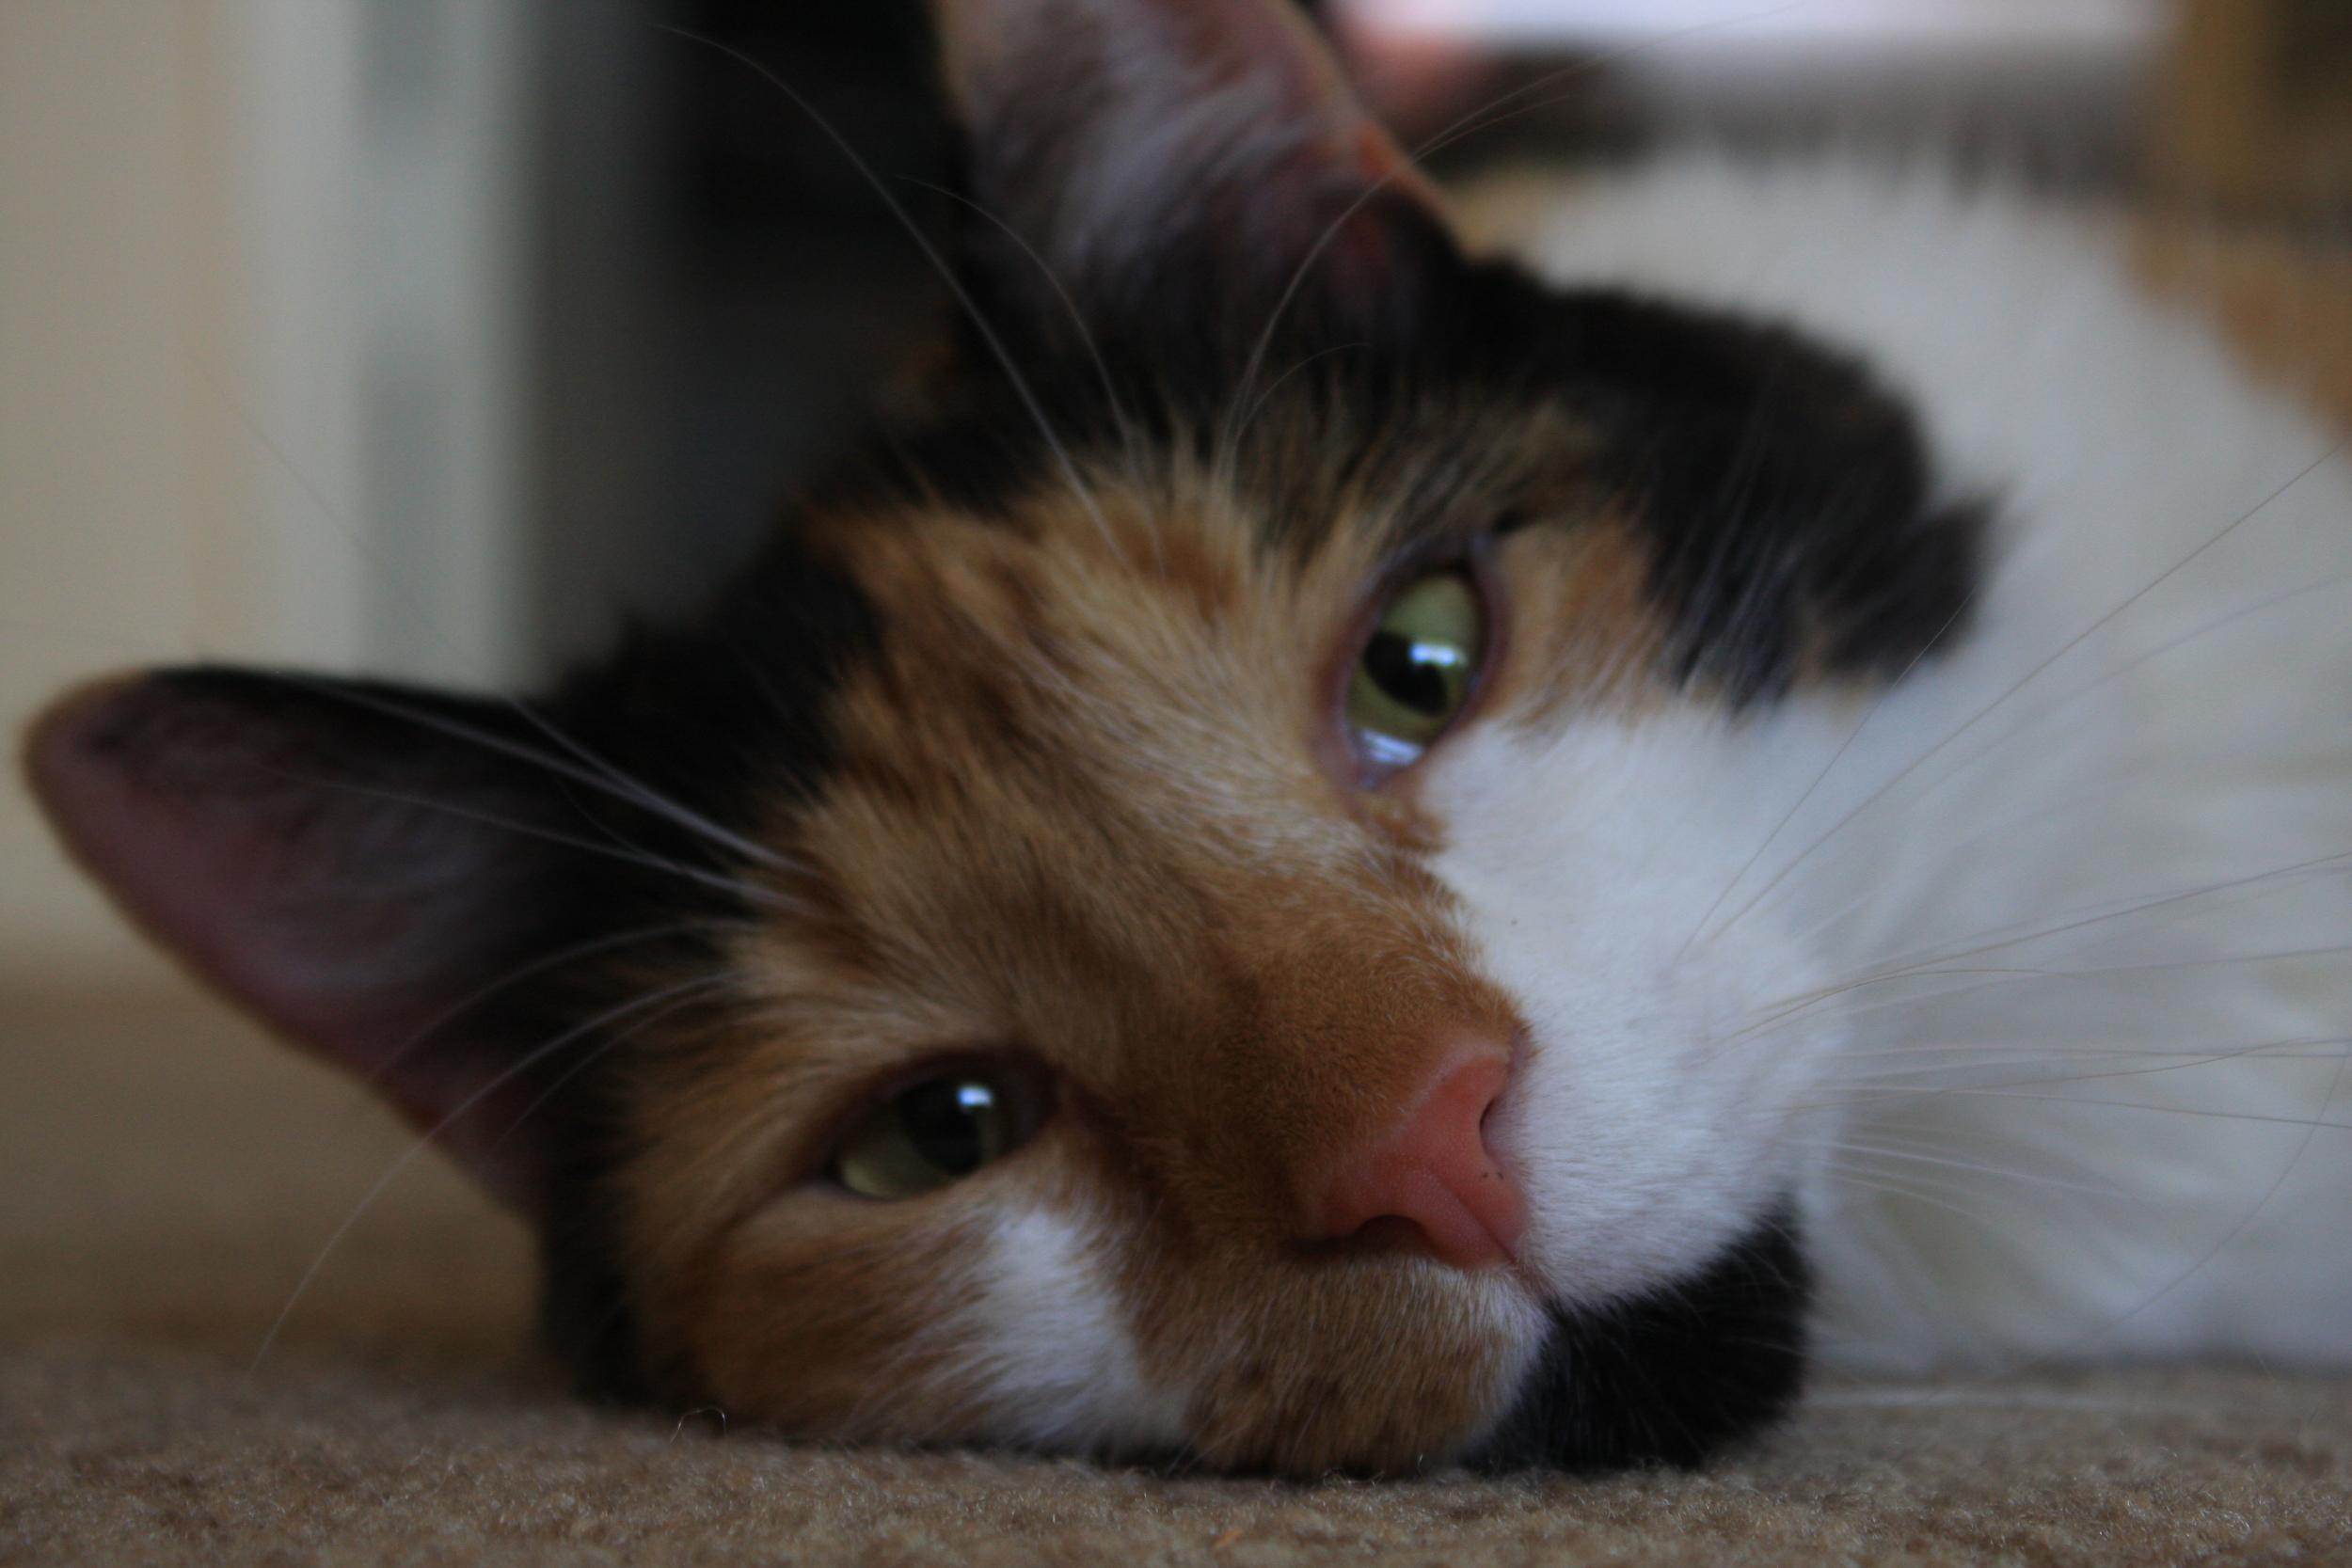 Miz Kitty